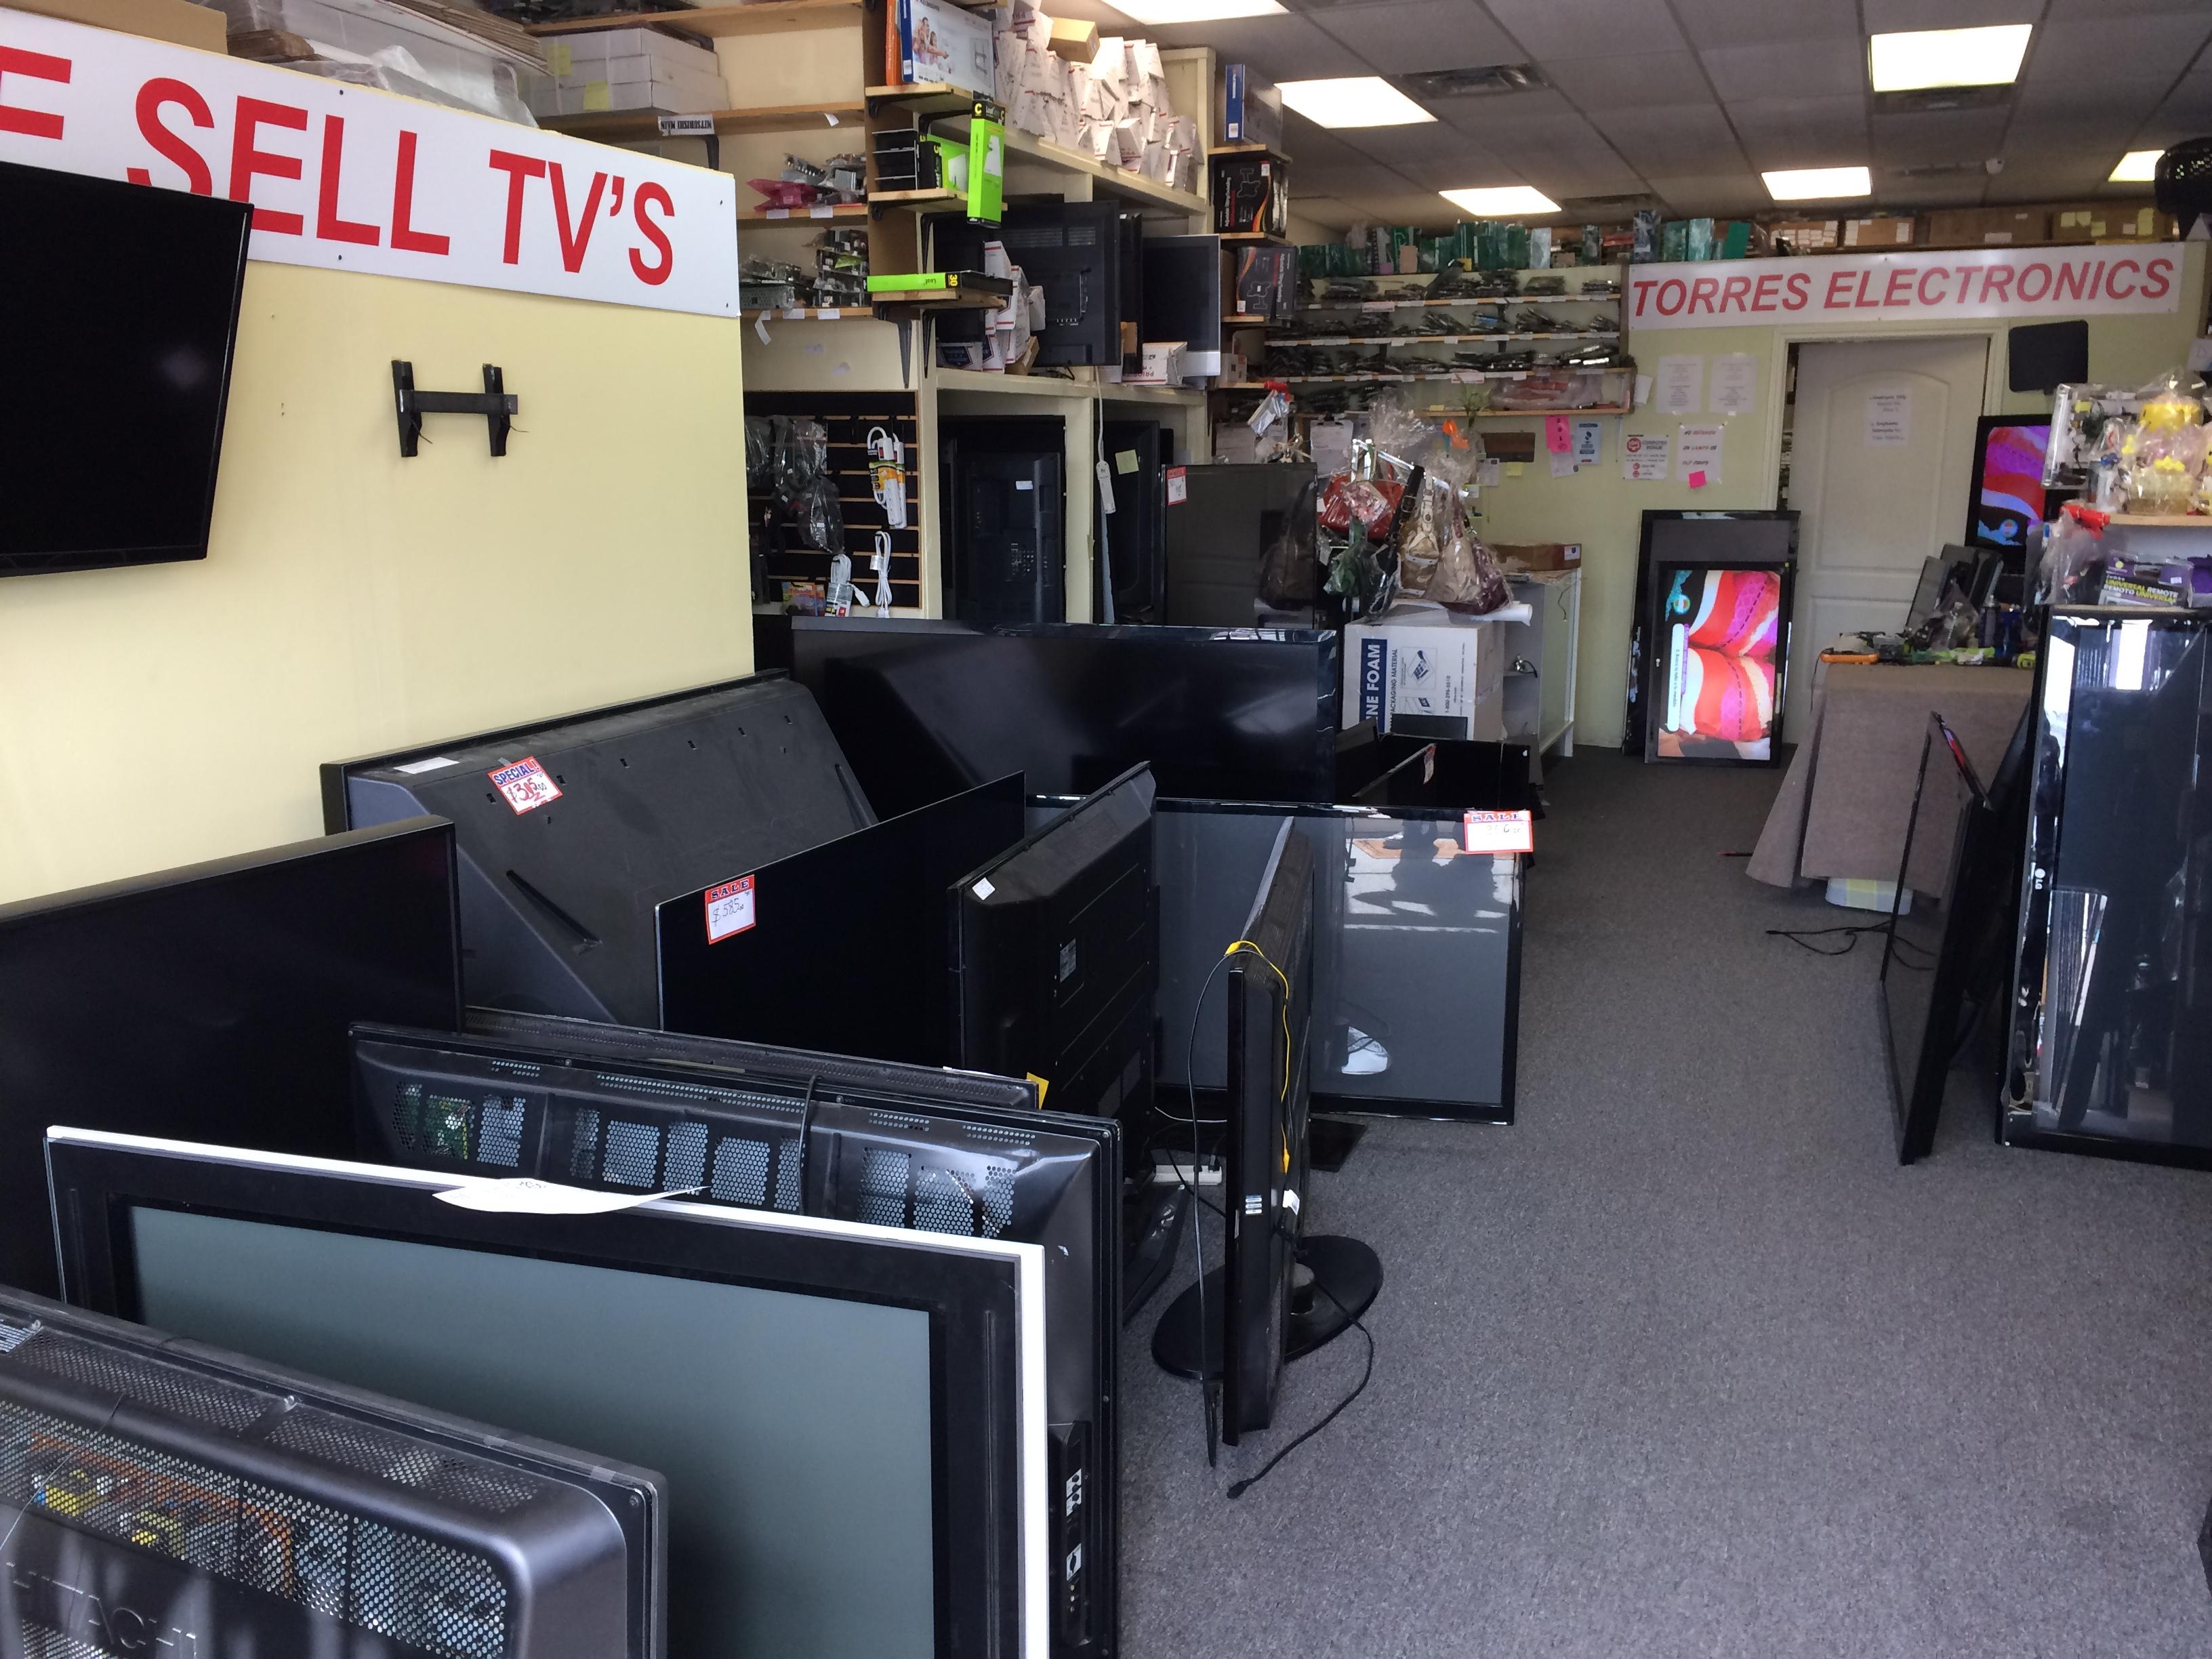 tv repair shop. torres electronics tv repair and parts - electronics repair shop houston, tx 77081 tv p